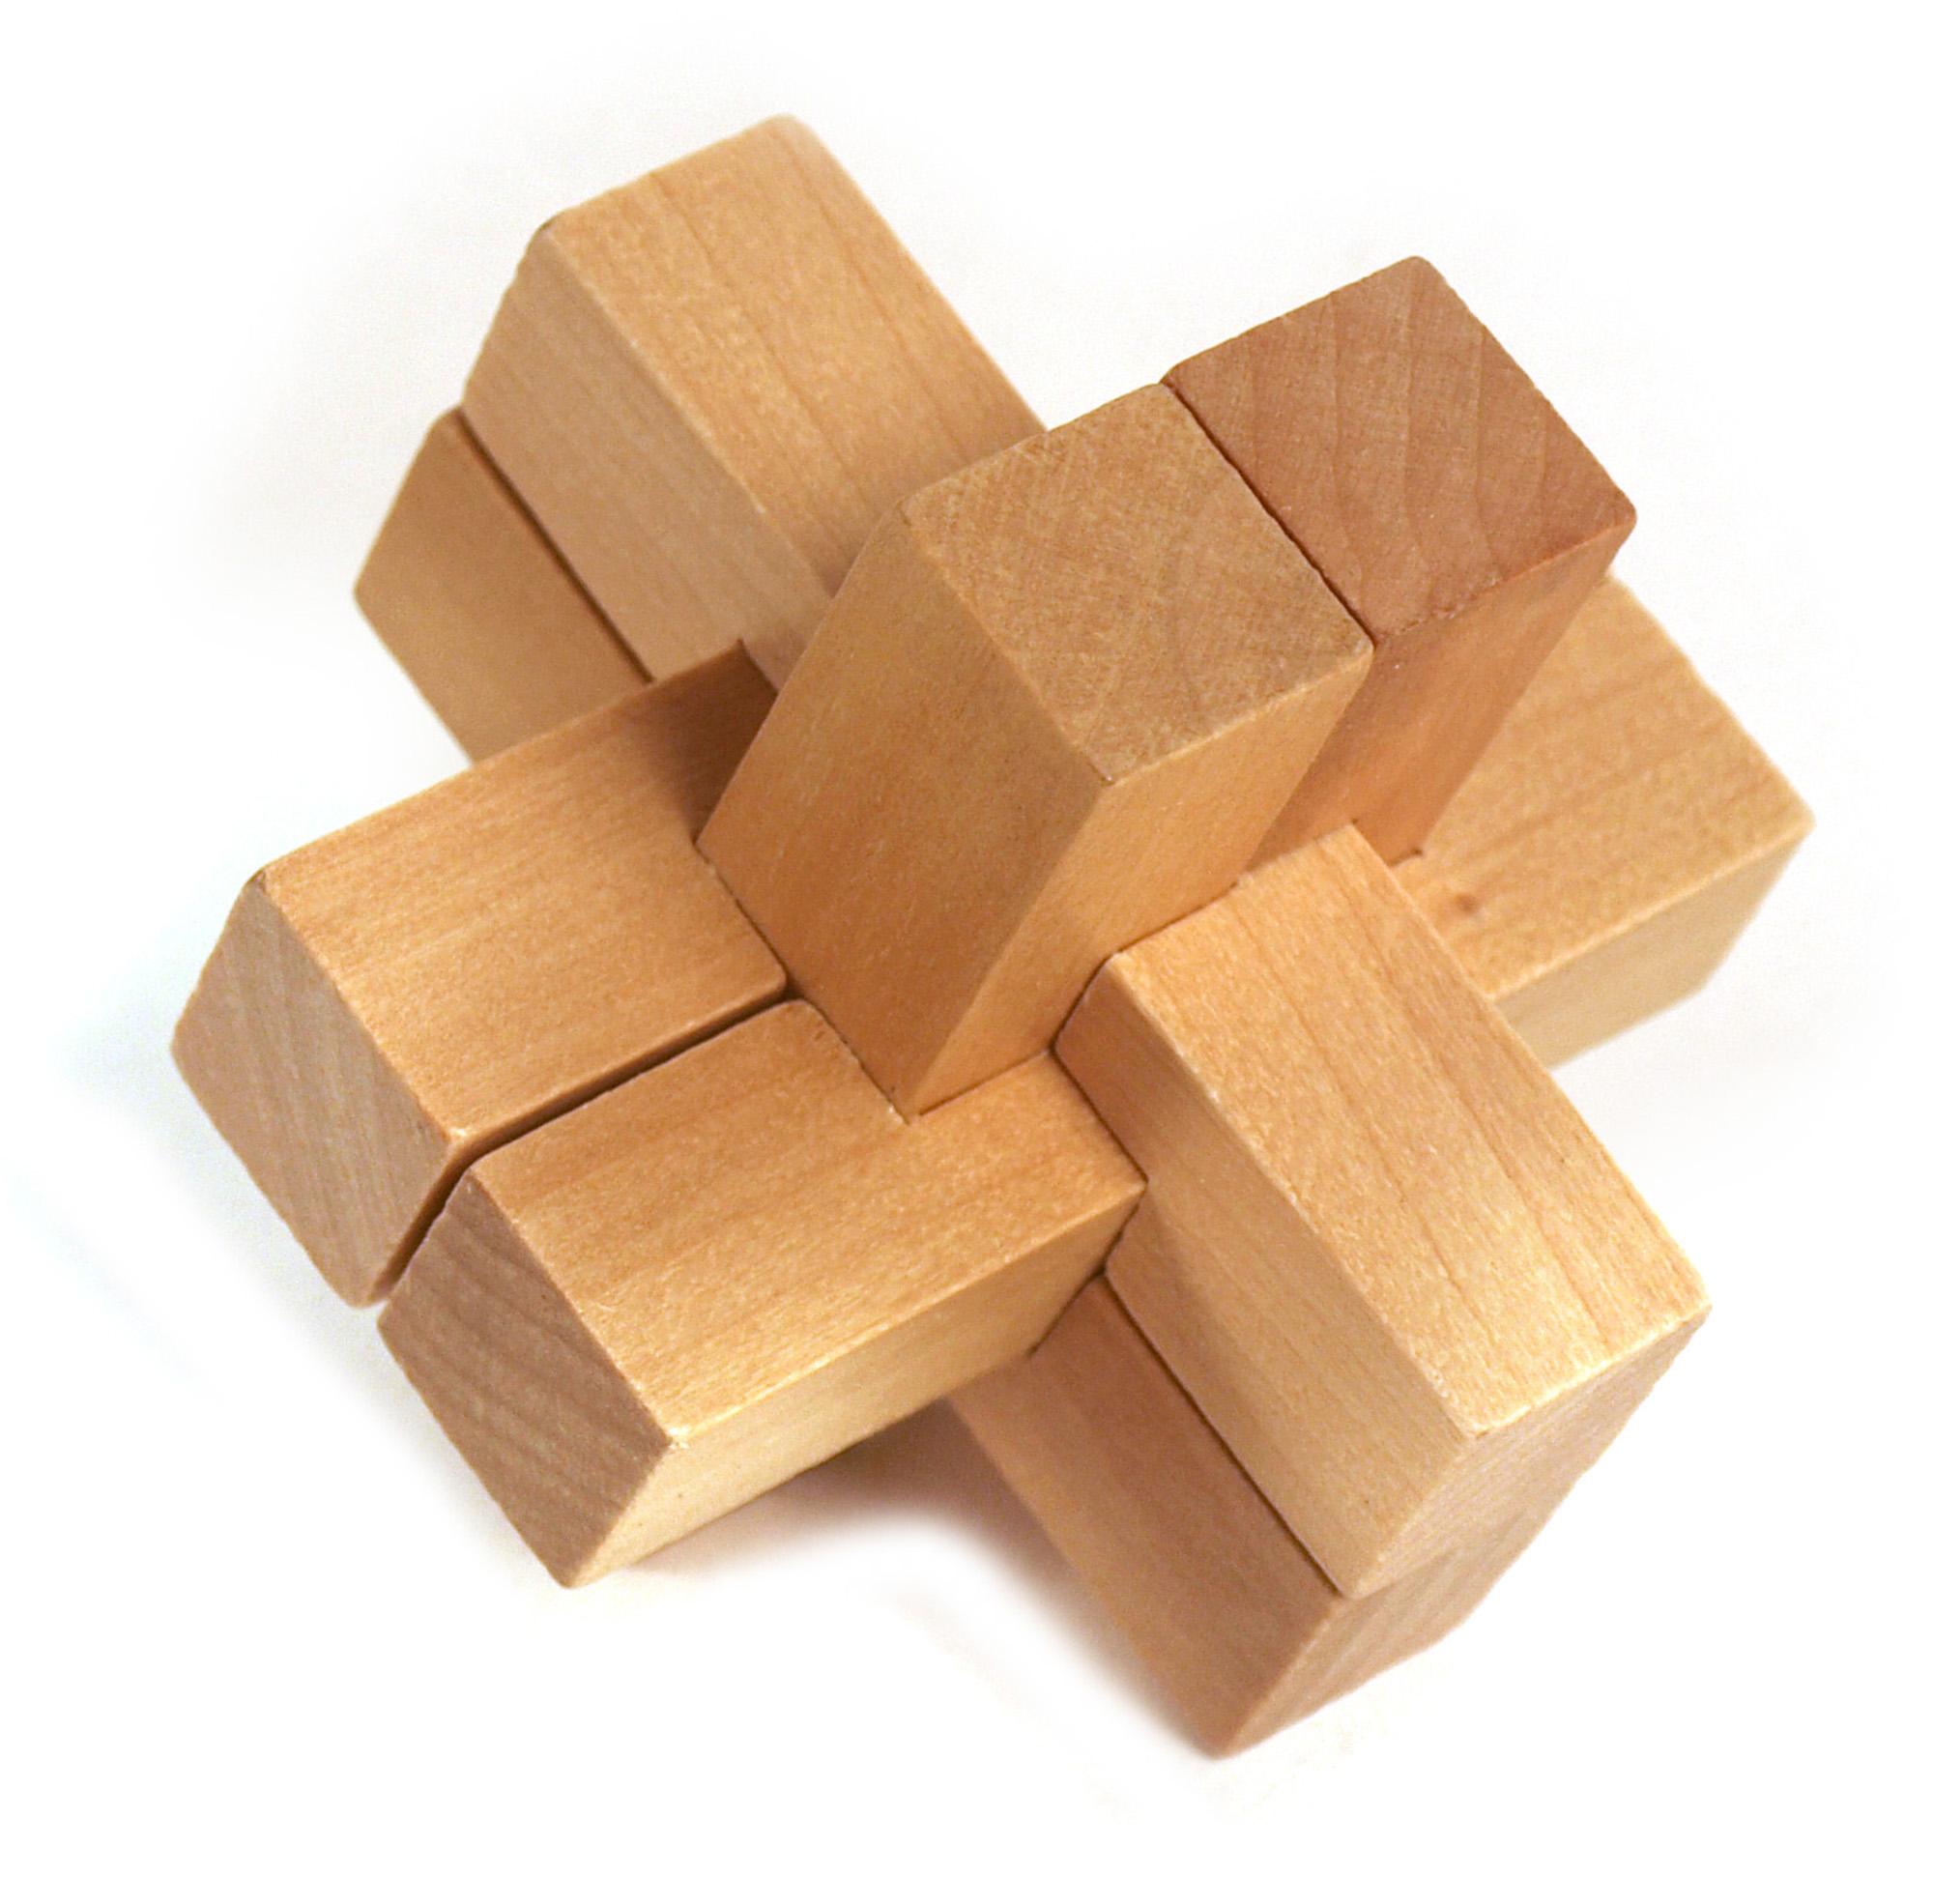 3d holz puzzle nova stern ebay